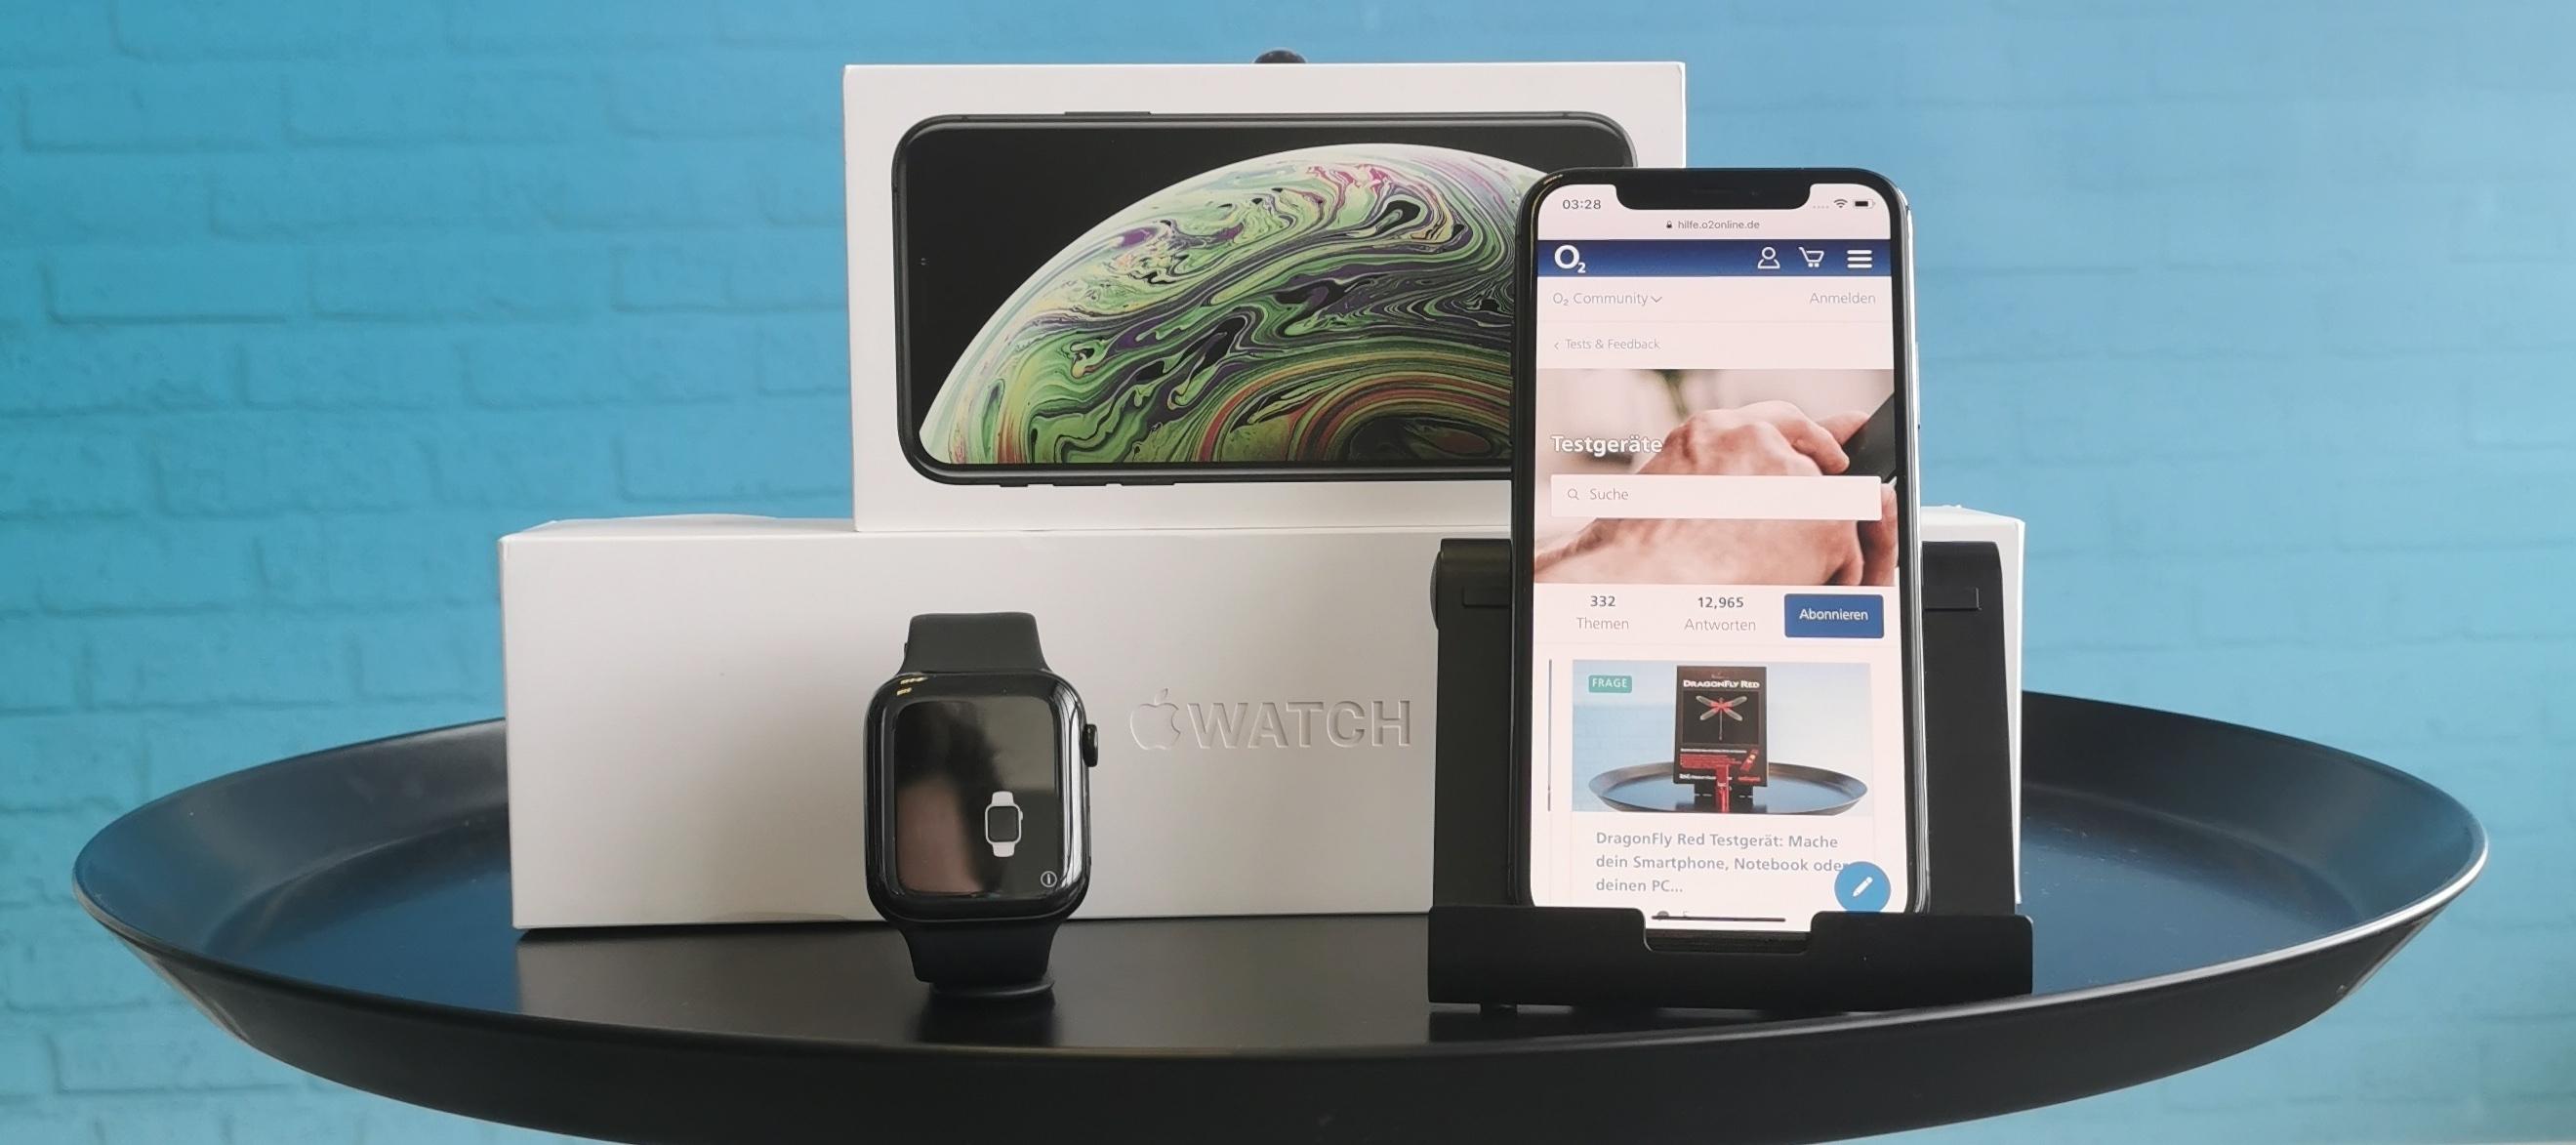 iPhone XS + Apple Watch Series 4 - das Apple Bundle sucht eine neue Testerin oder Tester!